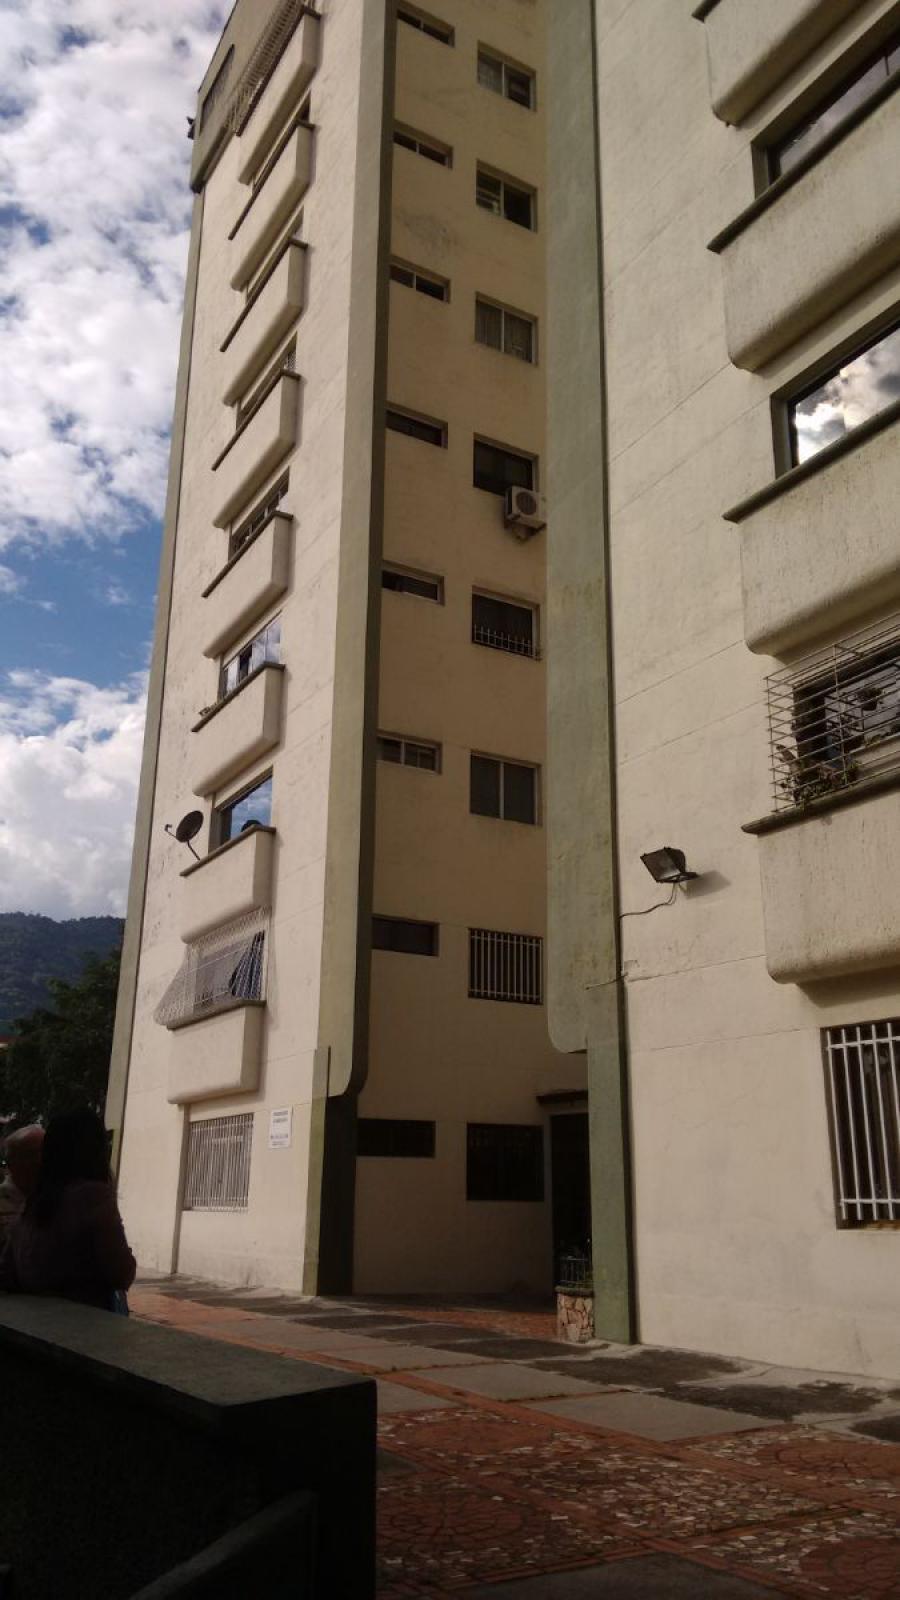 APARTAMENTO EN LAS AMERICAS MERIDA VENEZUELA APV116064